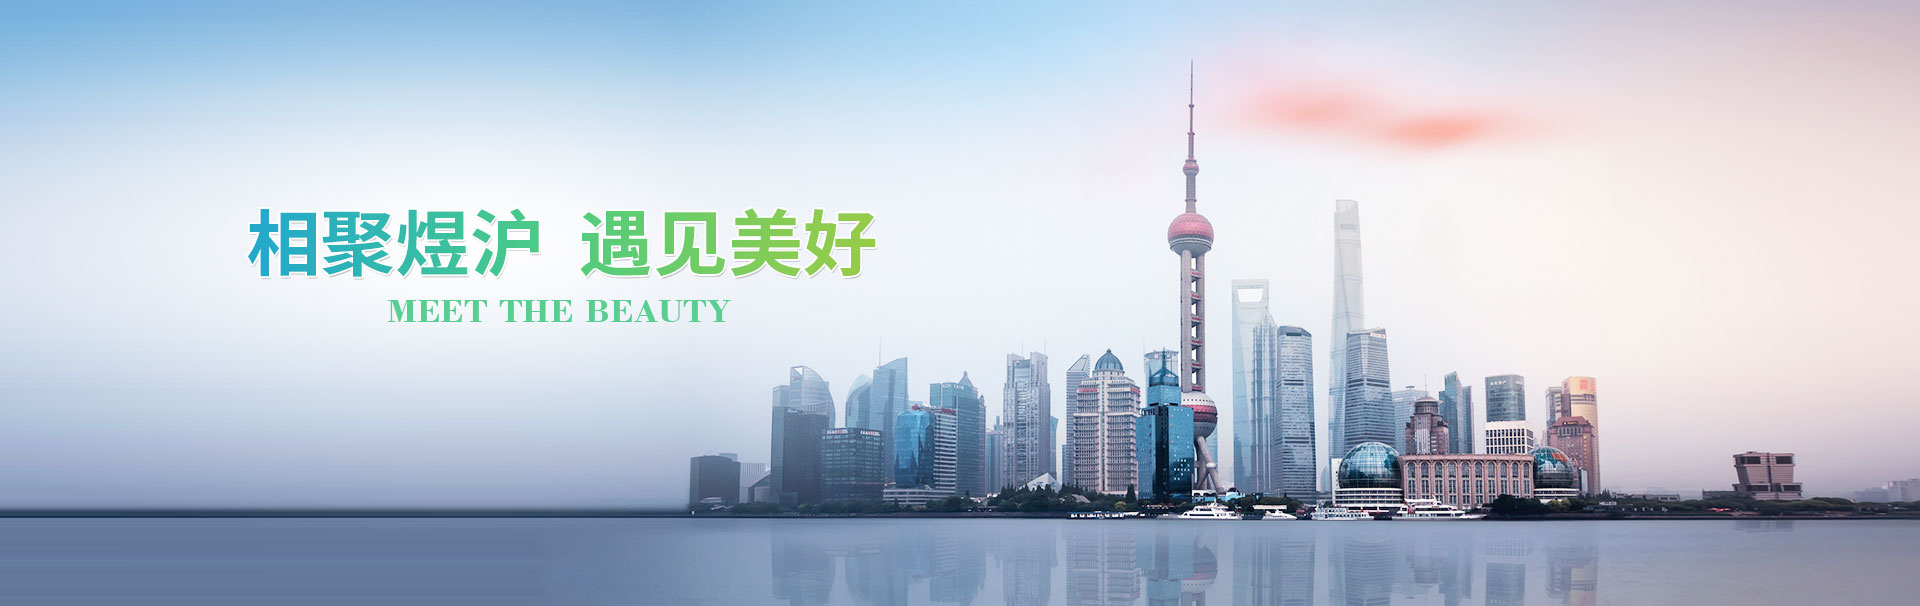 上海煜沪教育科技有限公司